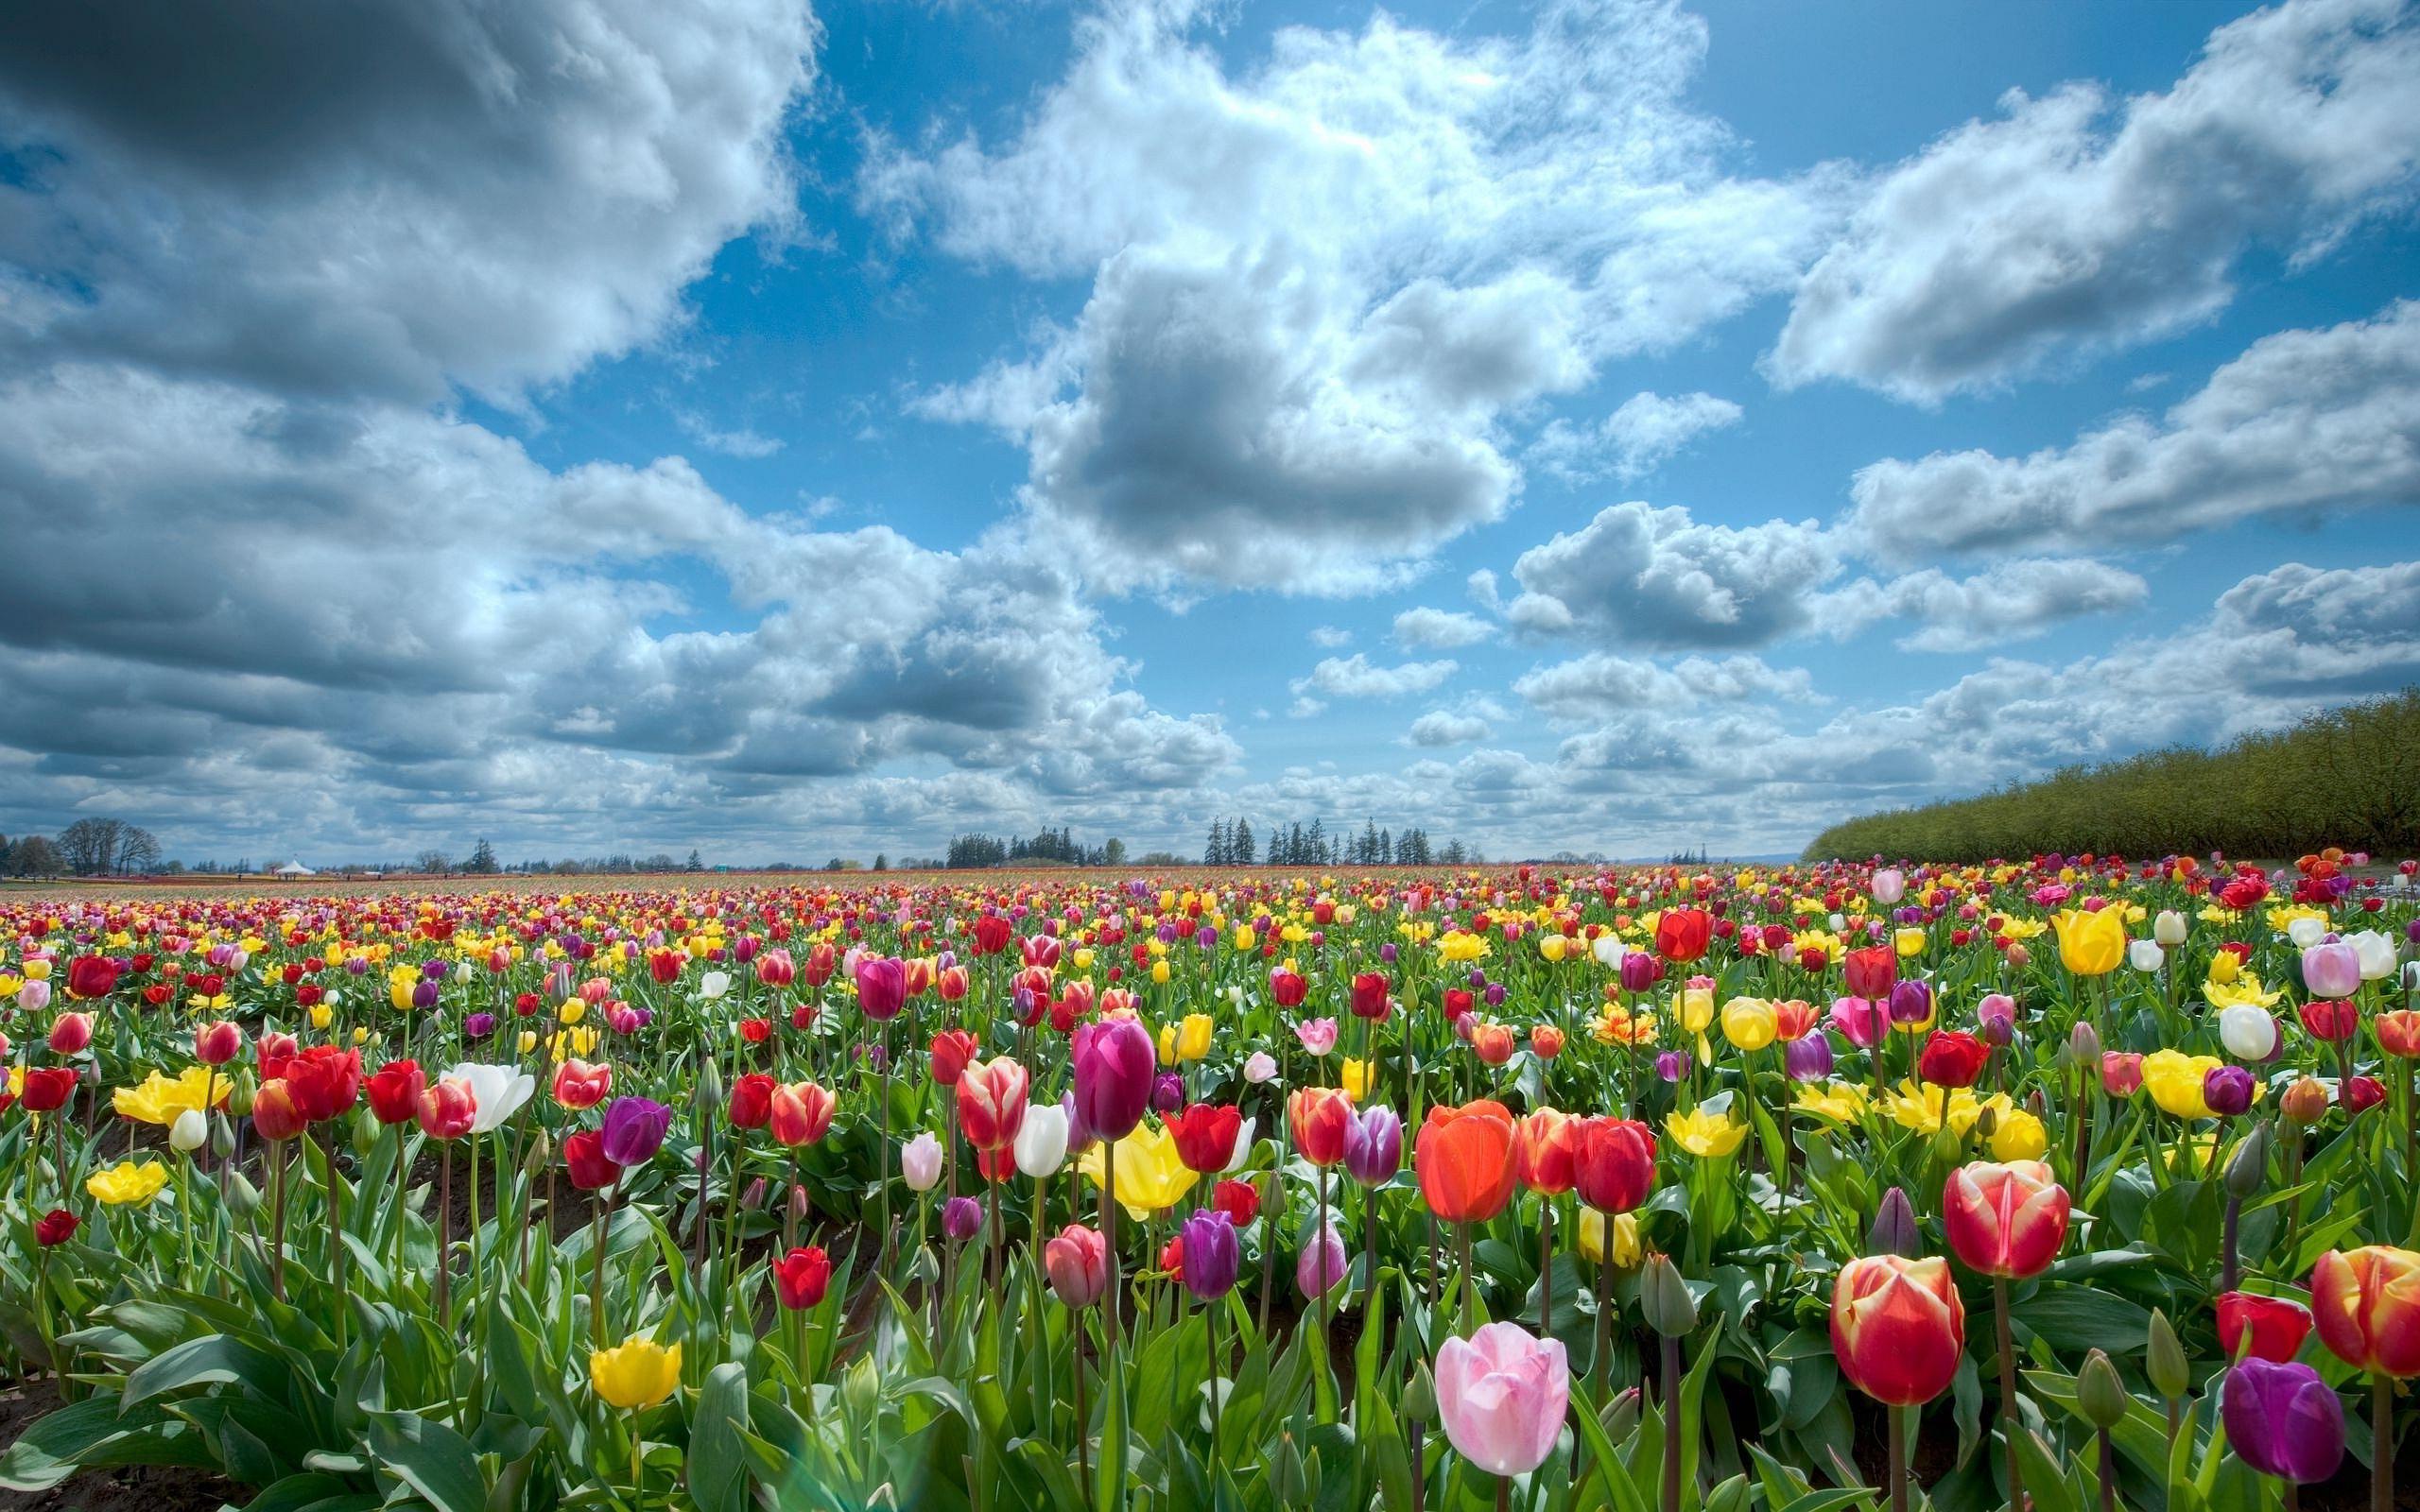 Tulips scenery